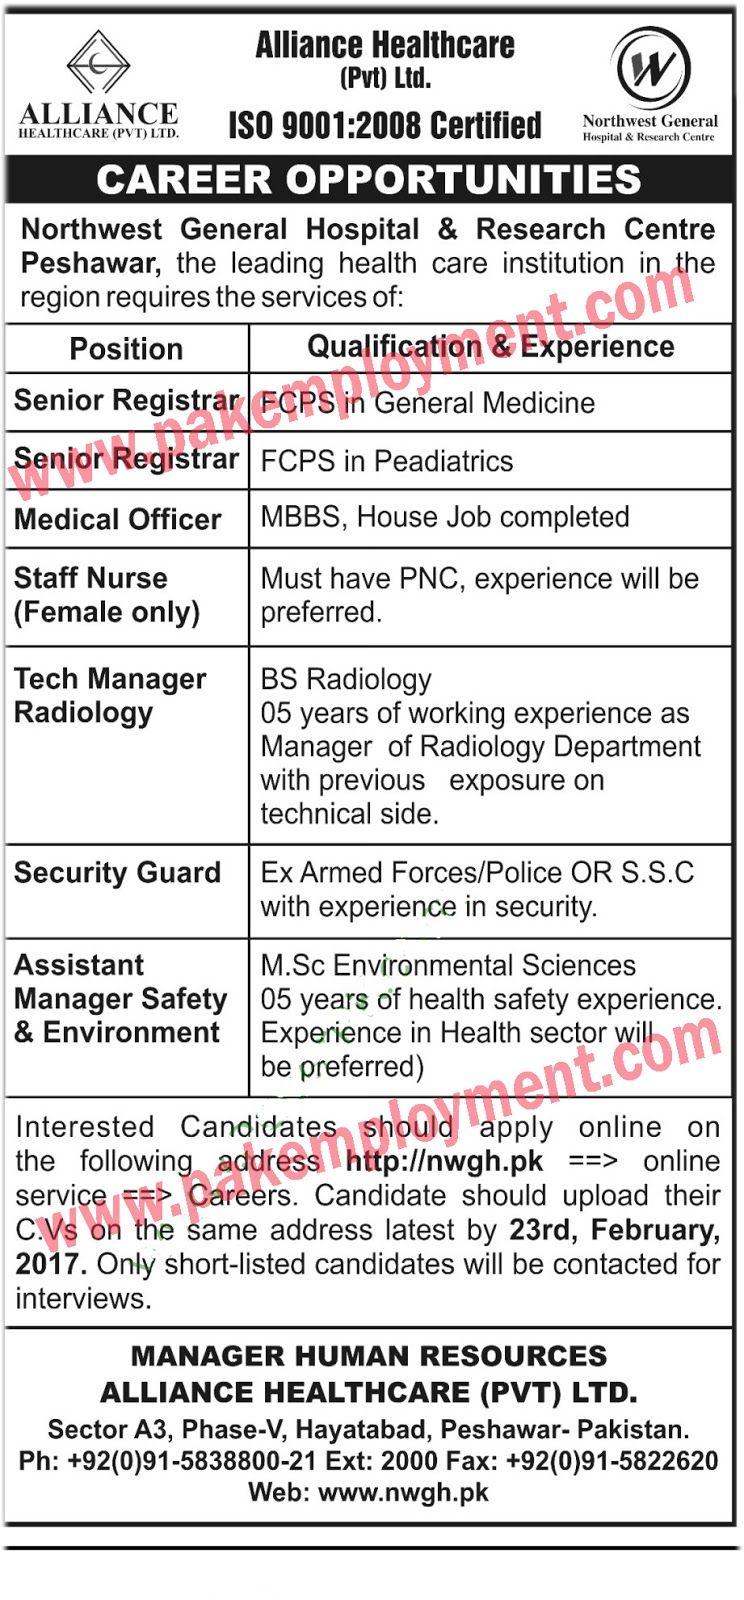 Pakistan Employment Alliance Healthcar Pvt Ltd Jobs Latest